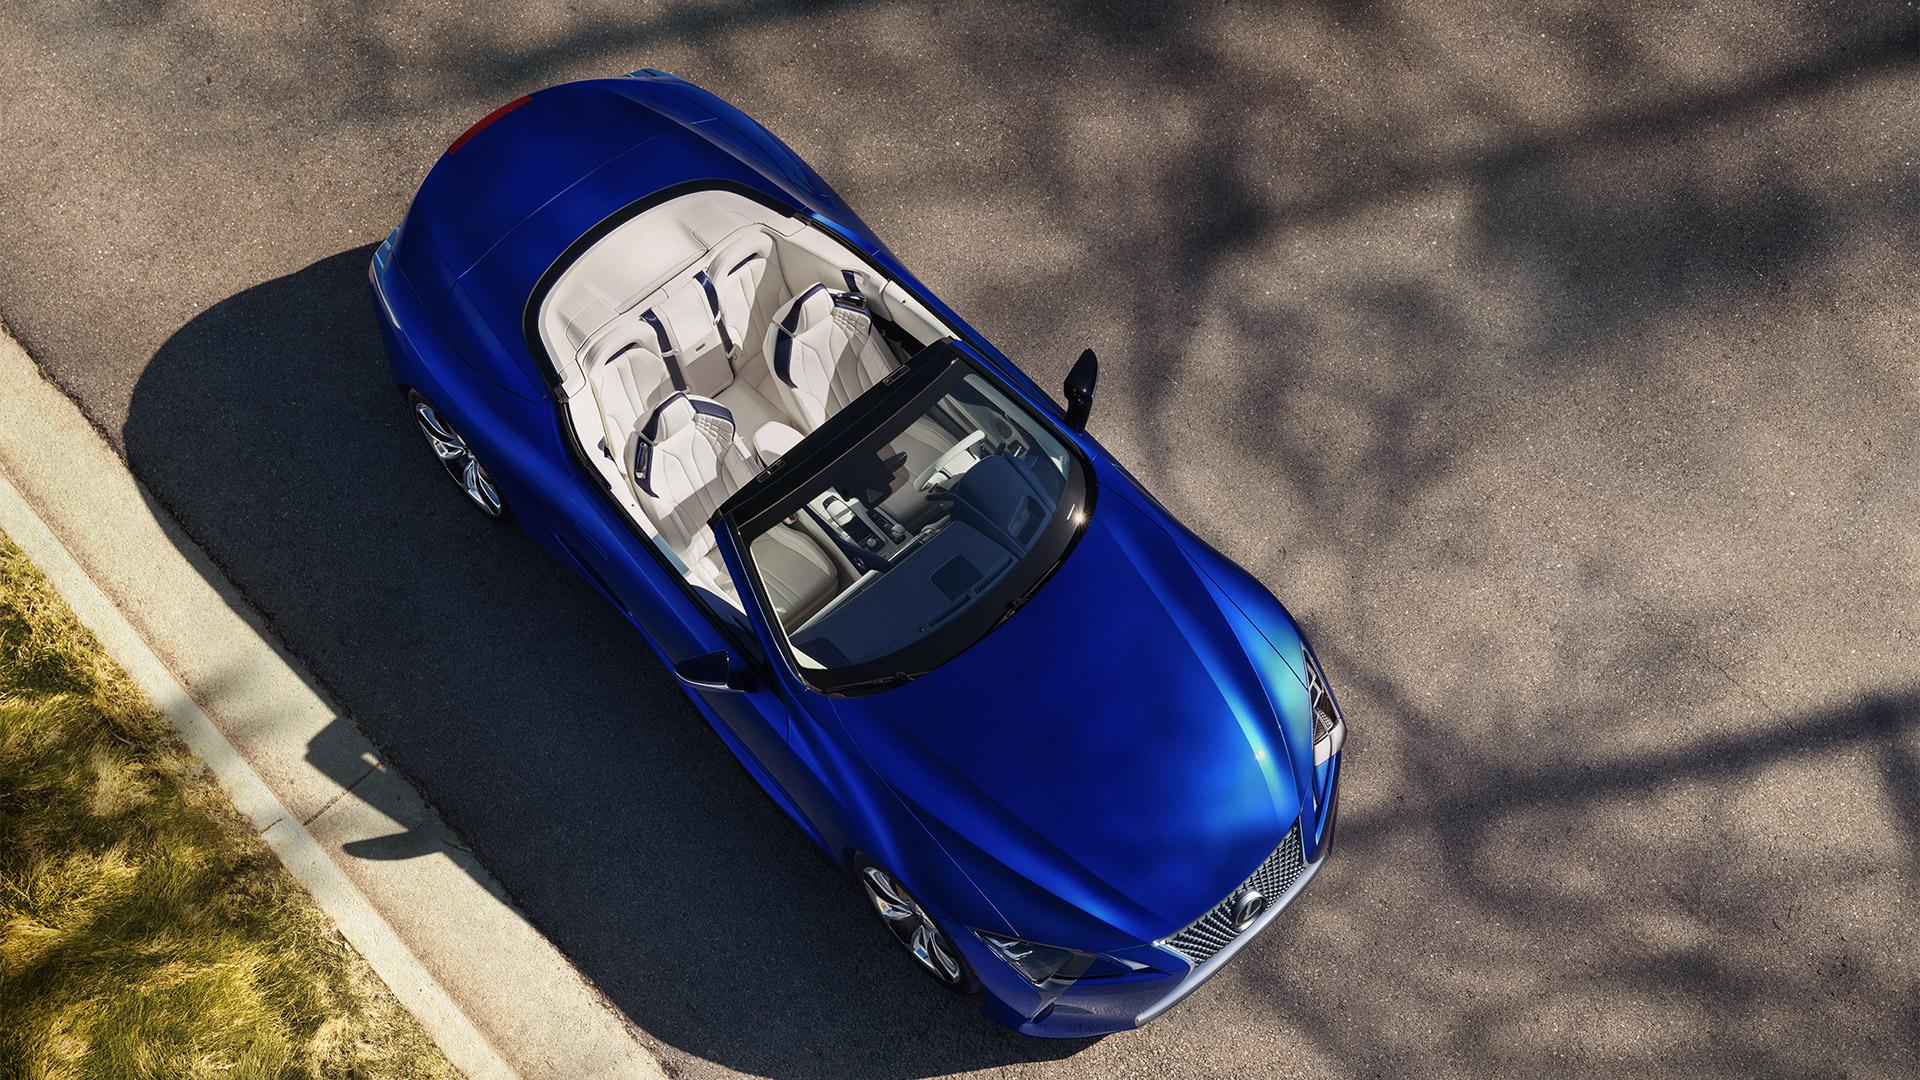 19 2019 027 nieuwe Lexus LC 500 Convertible 1920x1080 galerij